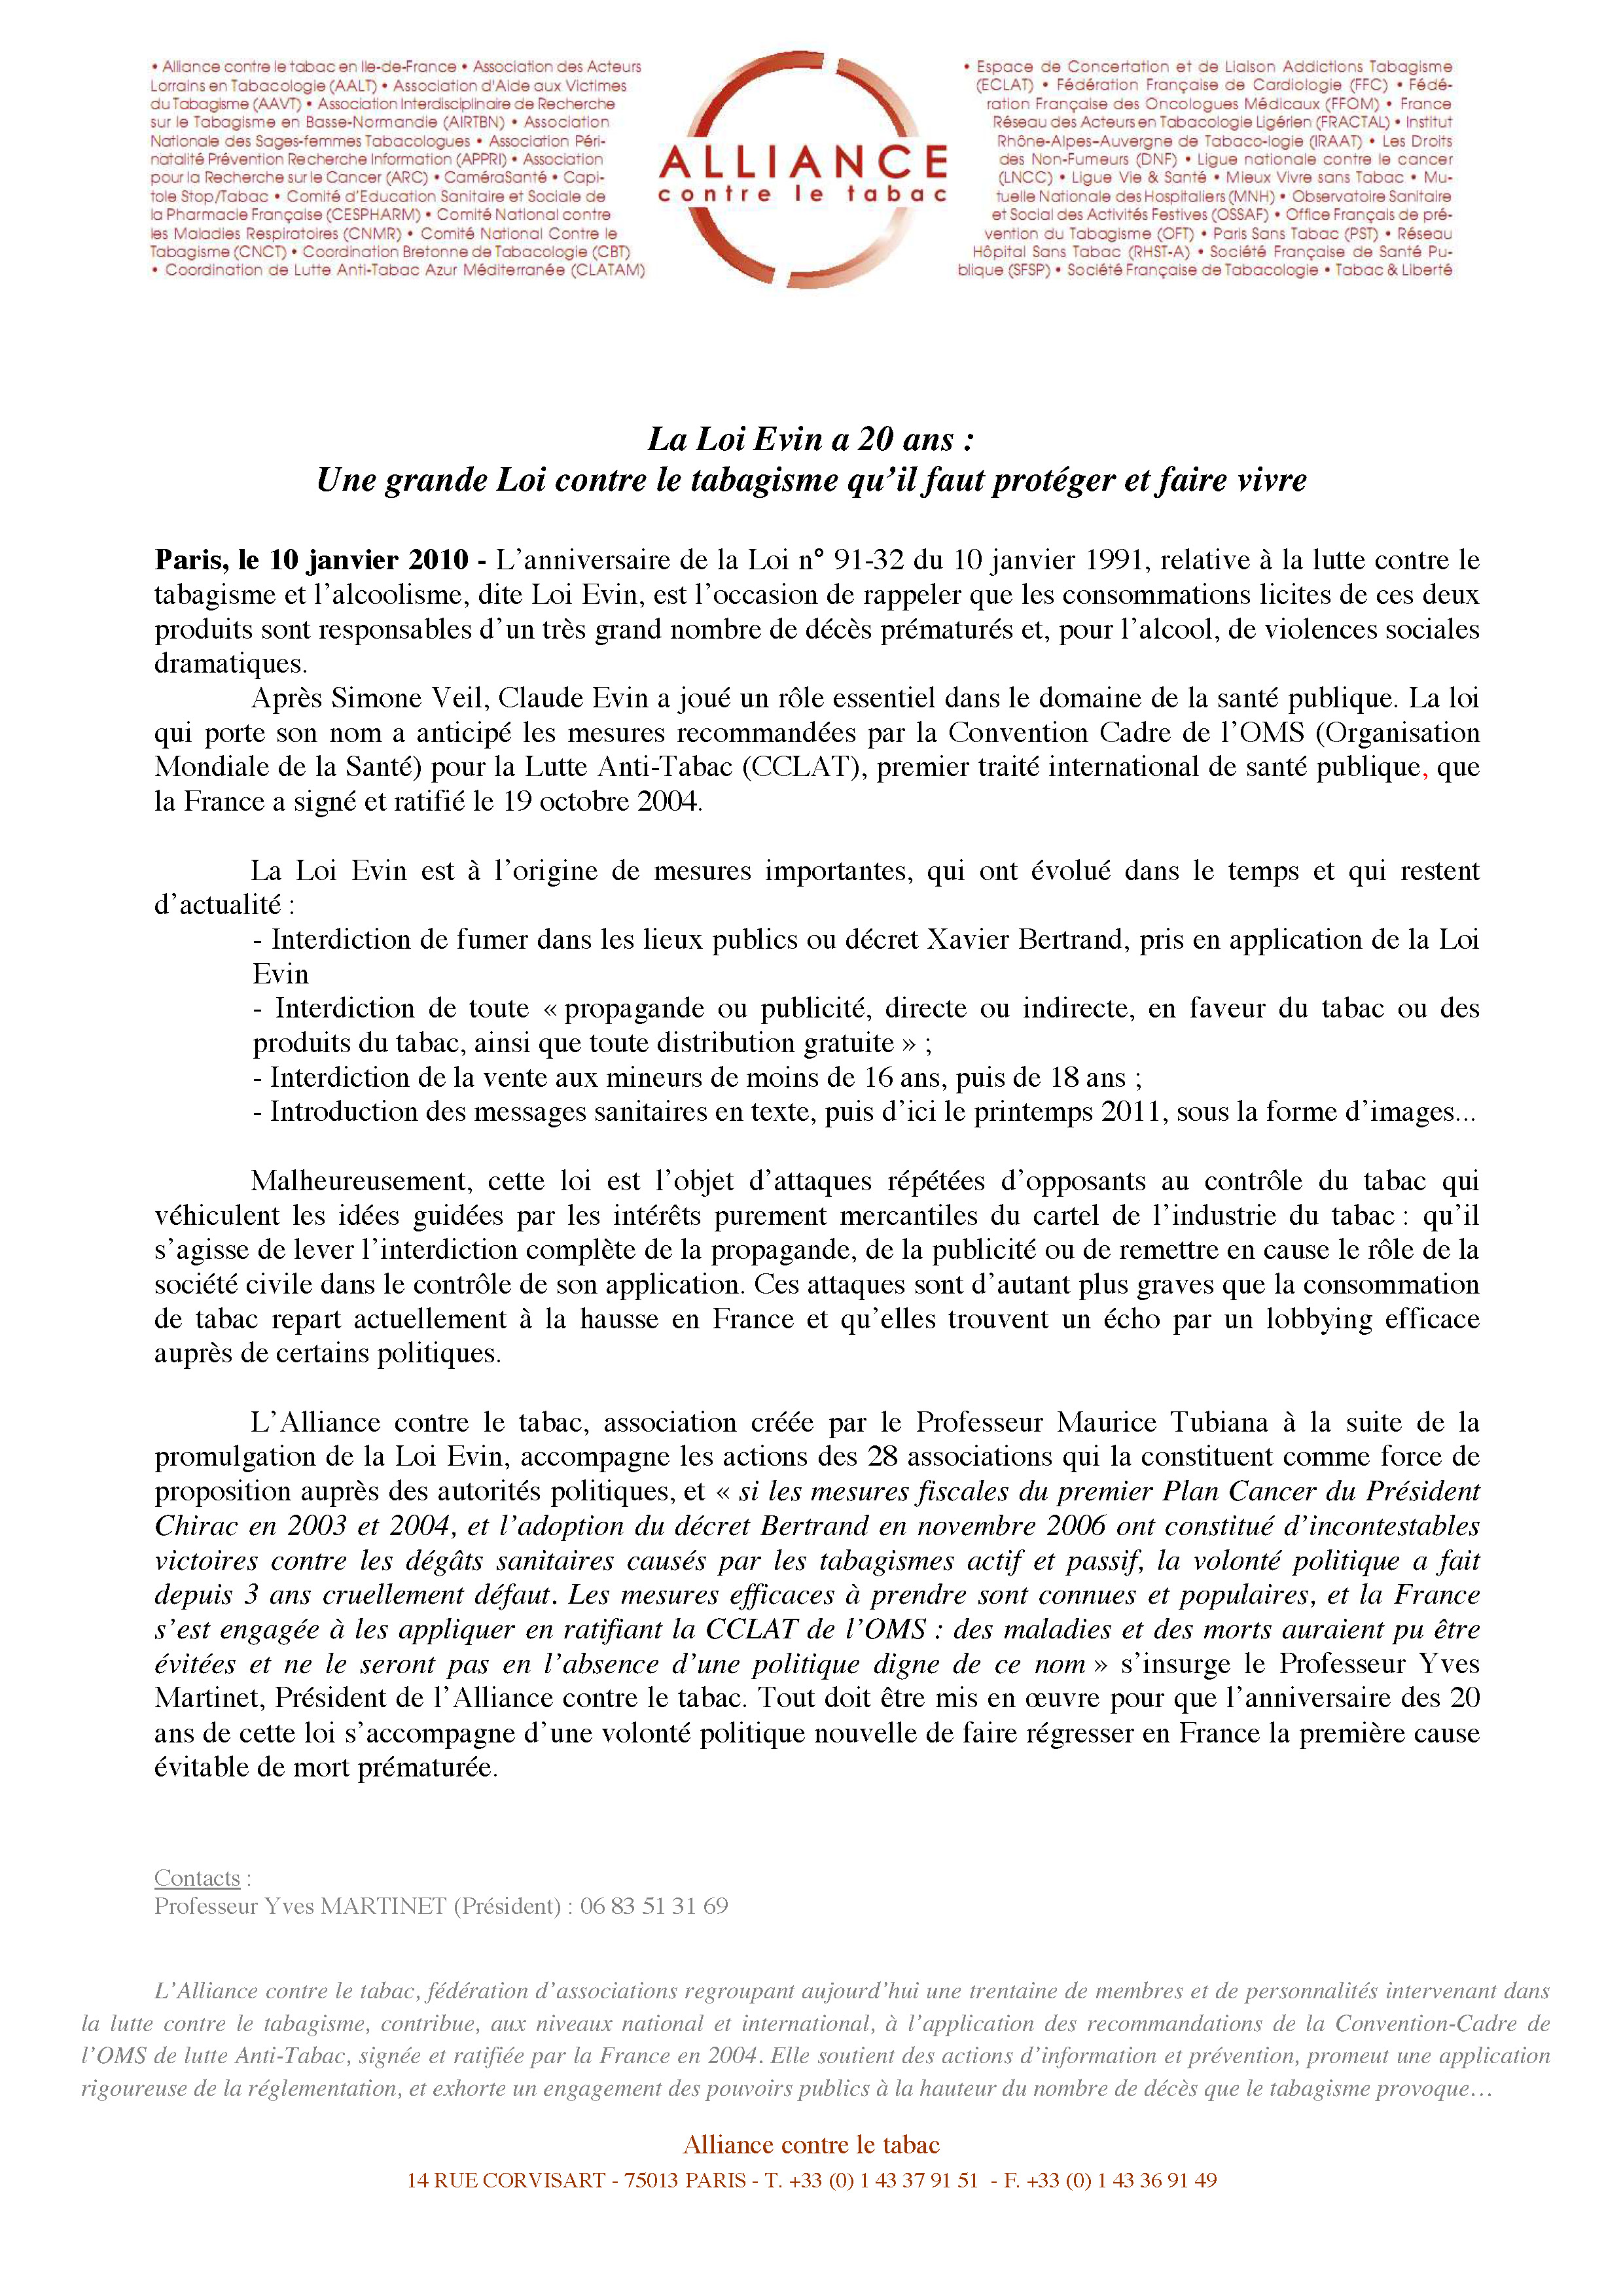 Alliance-CP_la-loi-evin-a-20-ans-10jan2011.jpg